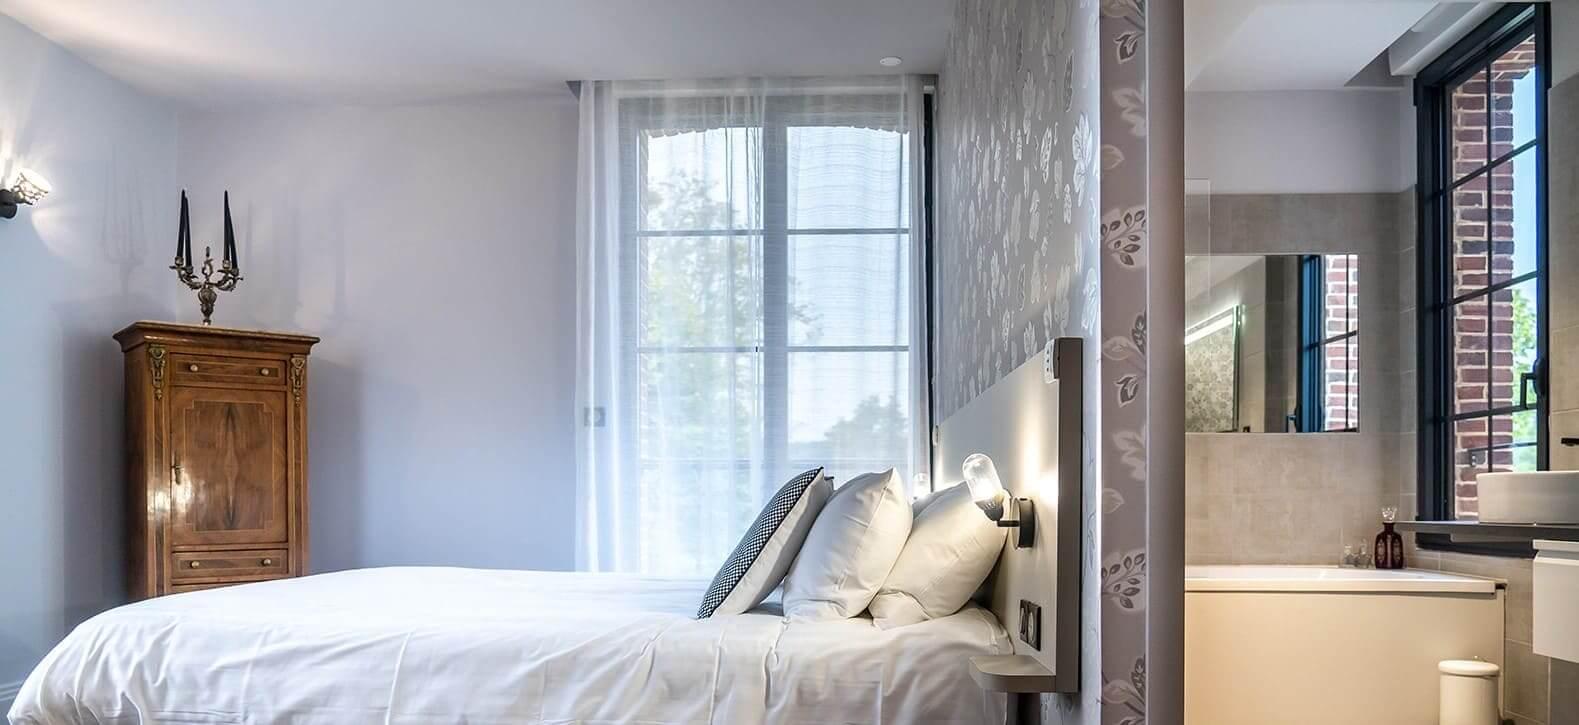 Chambre Chambres Prestiges | Le Manoir de Joséphine - 12